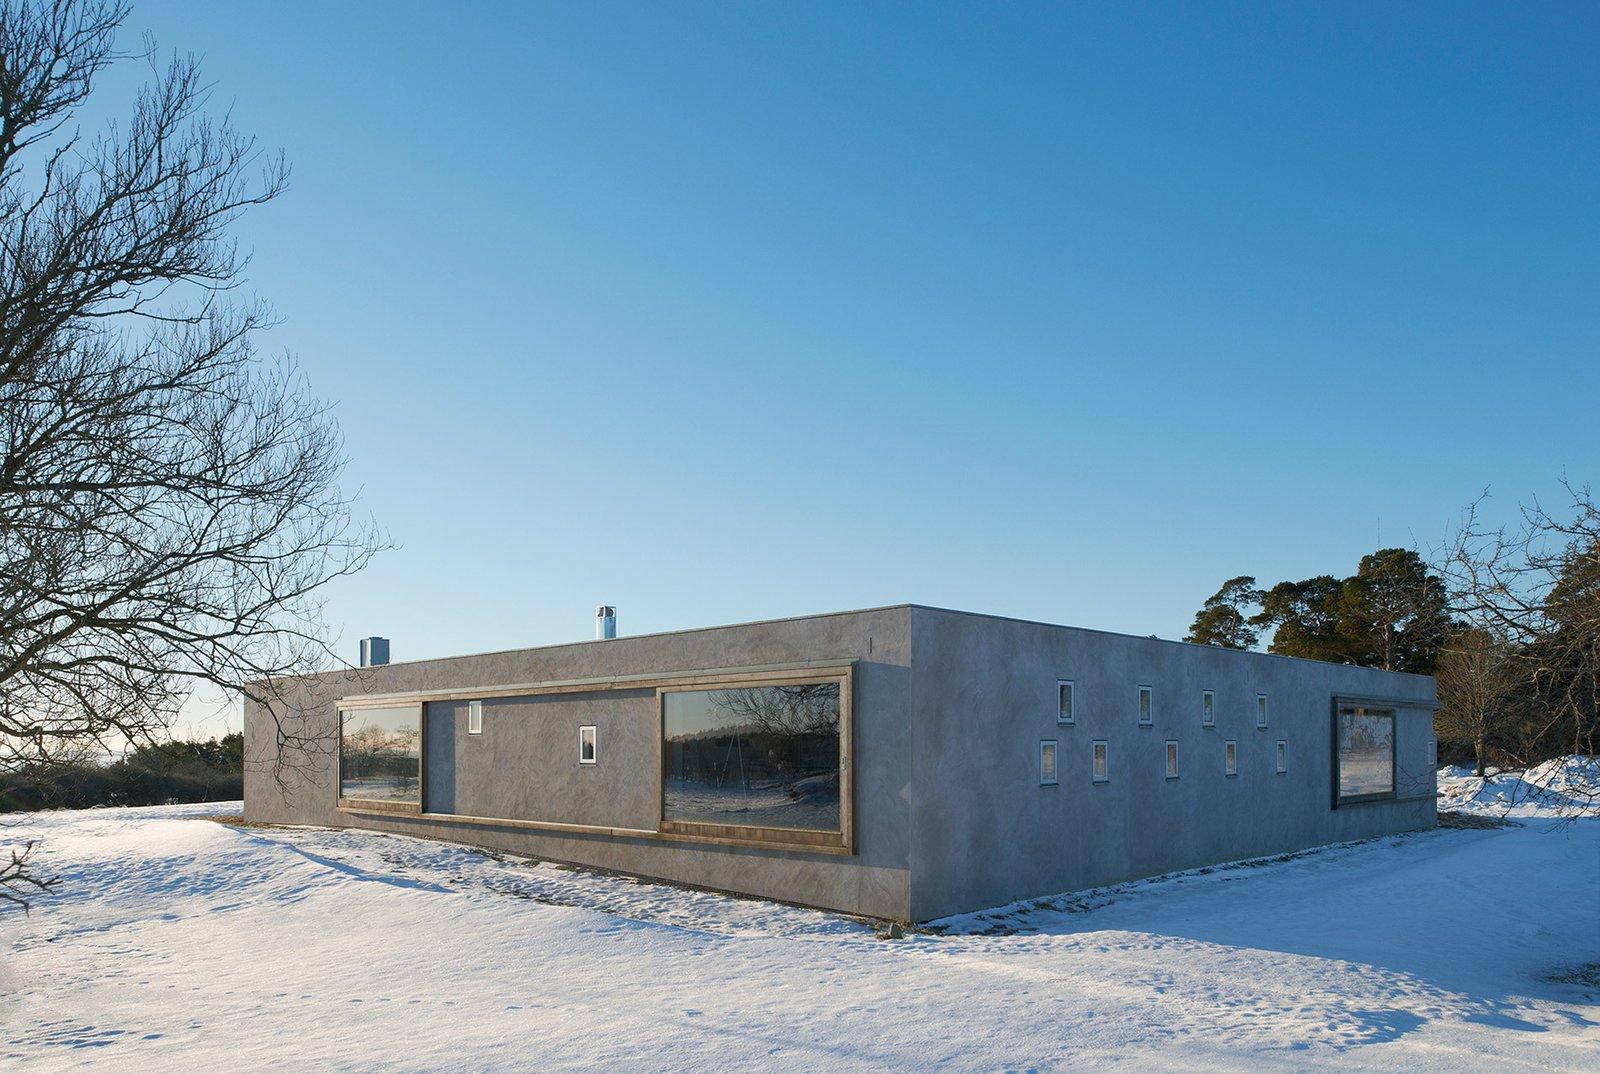 Photo 1 of 6 in Atrium House By Tham & Videgård Arkitekter